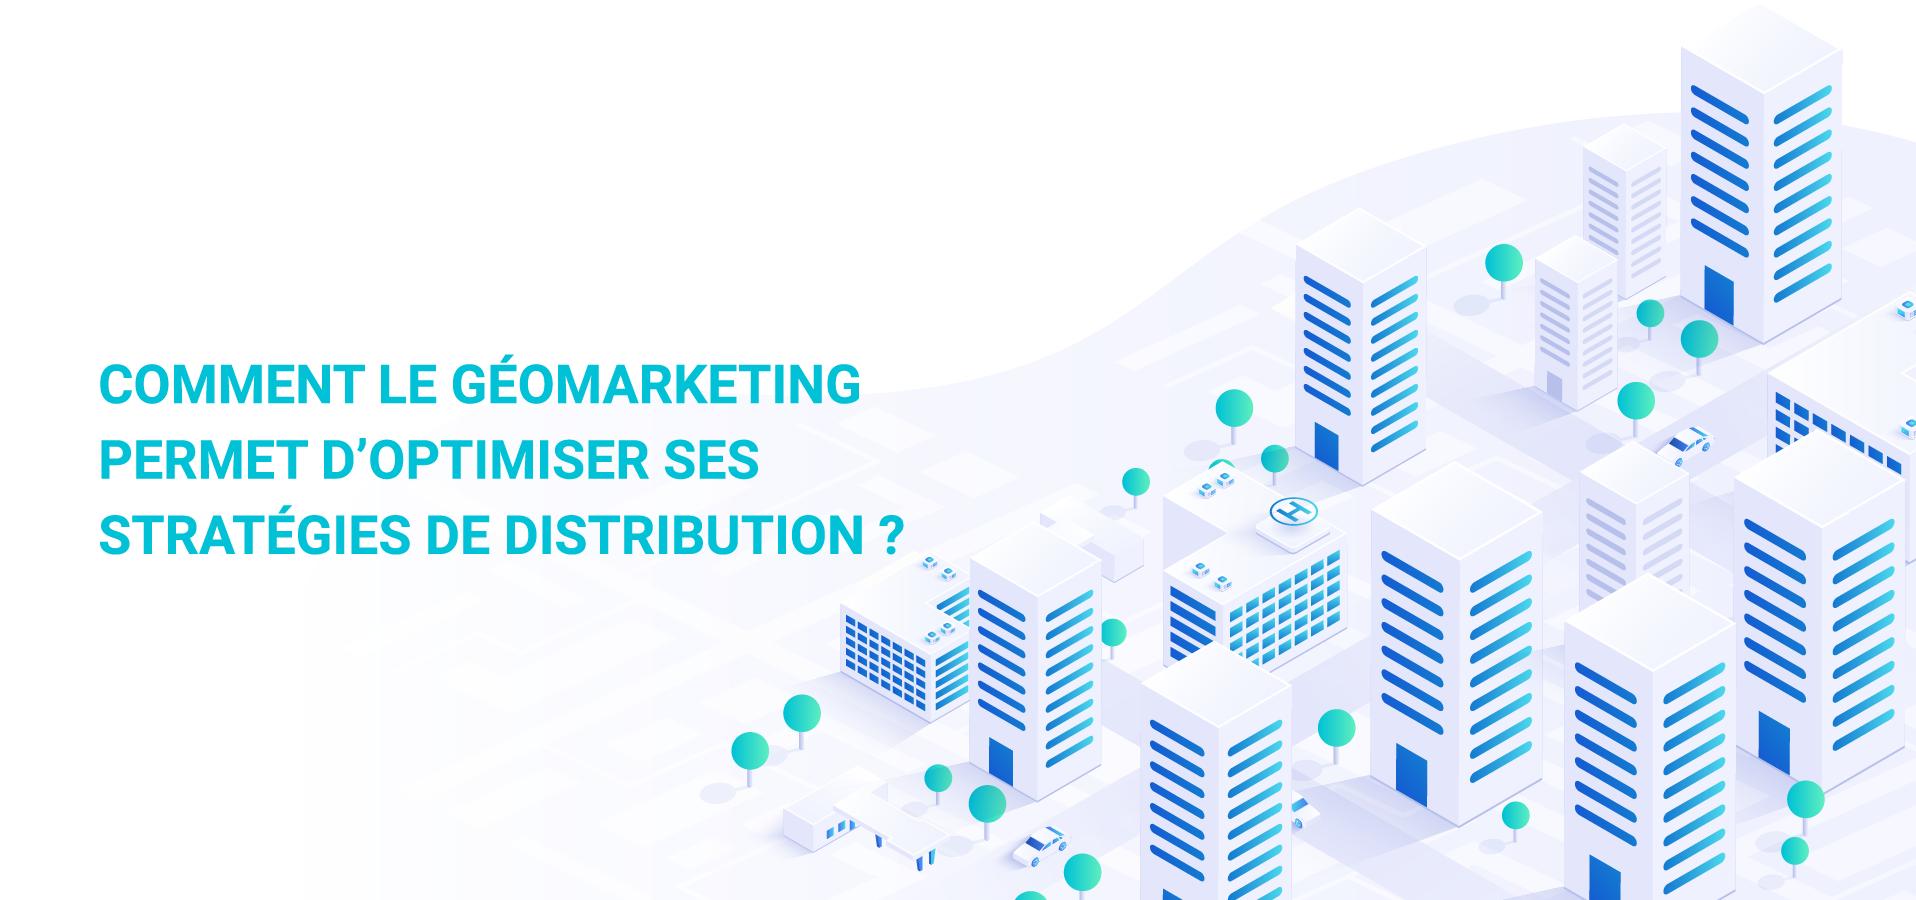 Webinar - Comment geomarketing permer d'optimiser ses stratégies de distribution